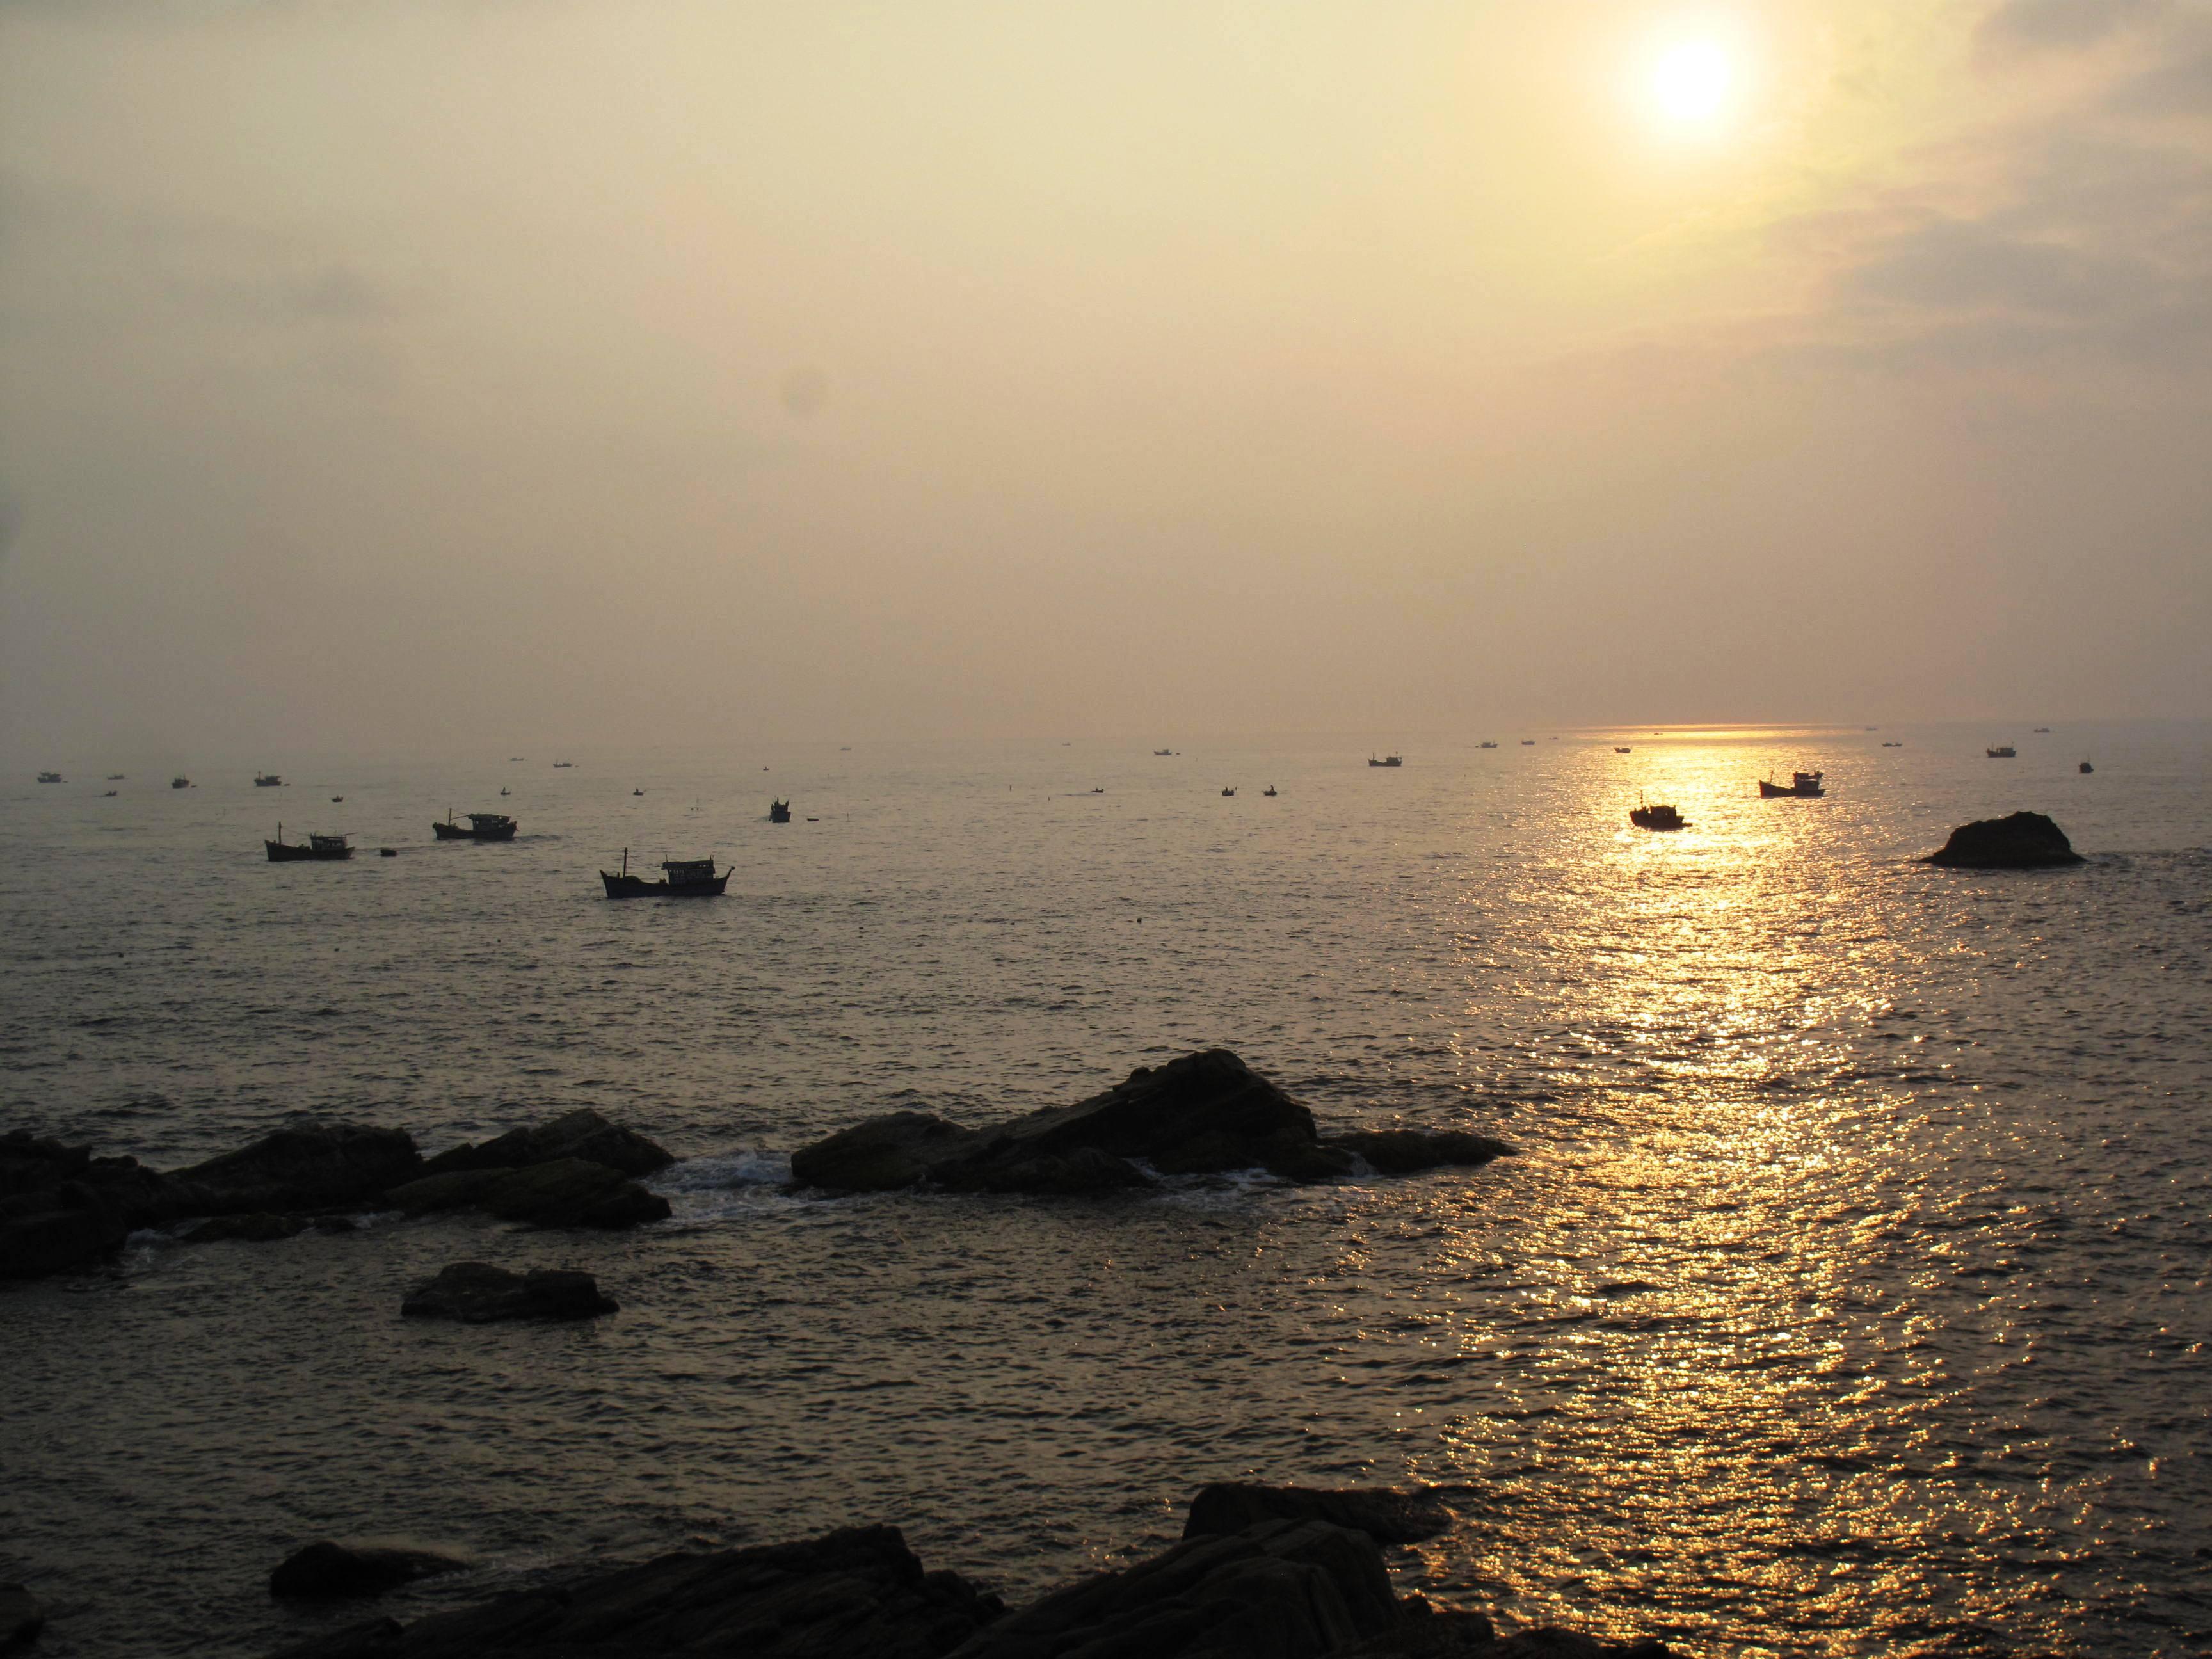 6 giờ sáng, những thuyền mành tôm hùm giống bắt đầu vào bờ.